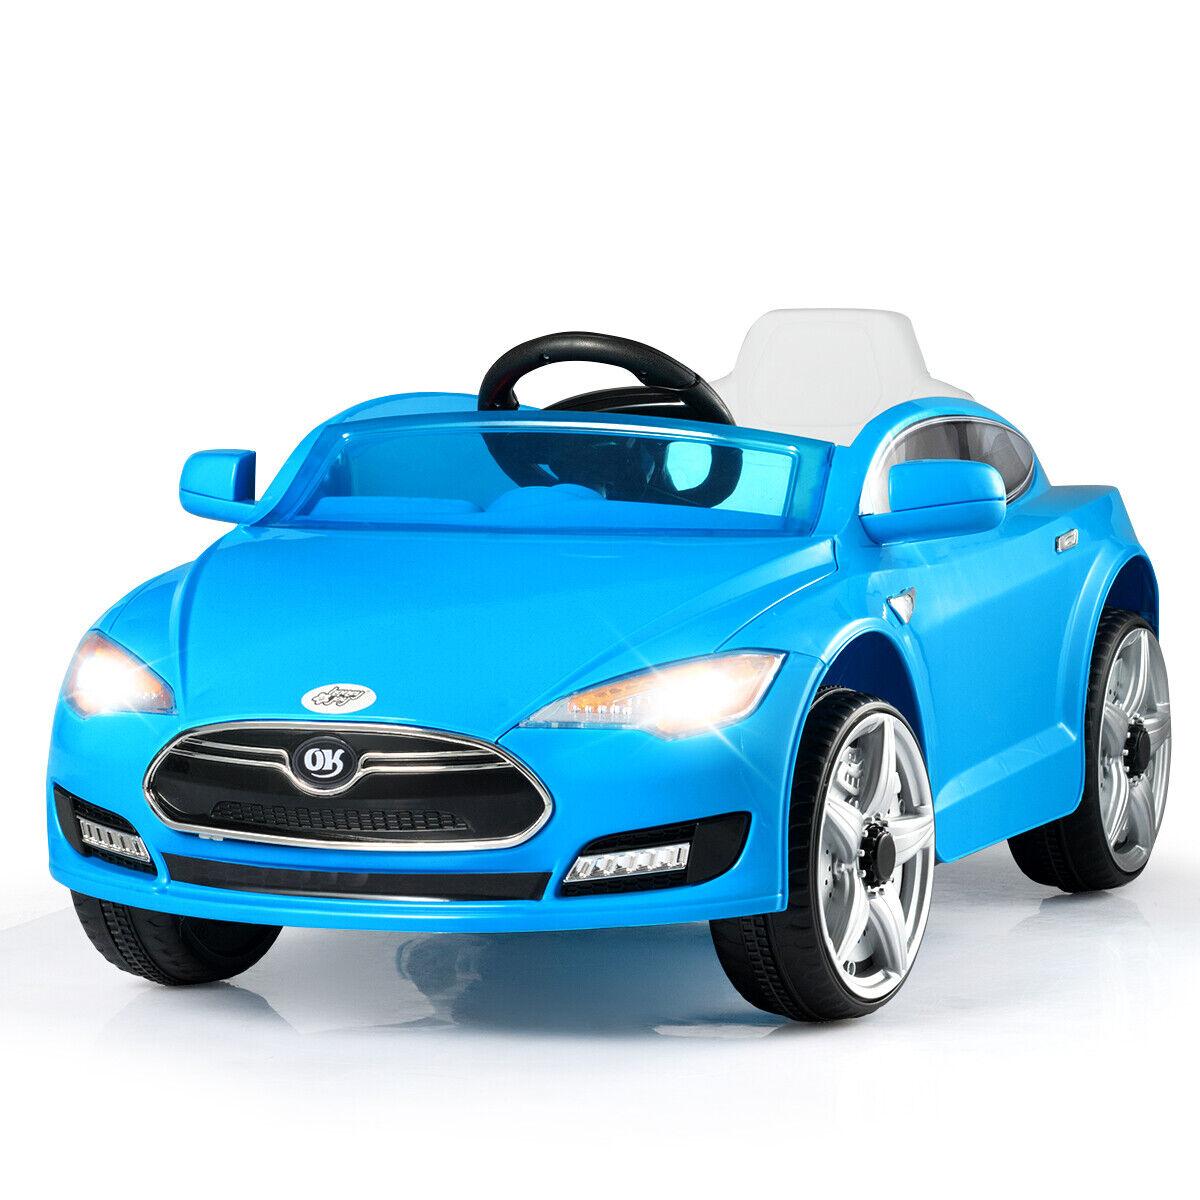 6V Bambini Ride-On auto giocattolo Electric Parental Remote Control LED luci divertimentony blu